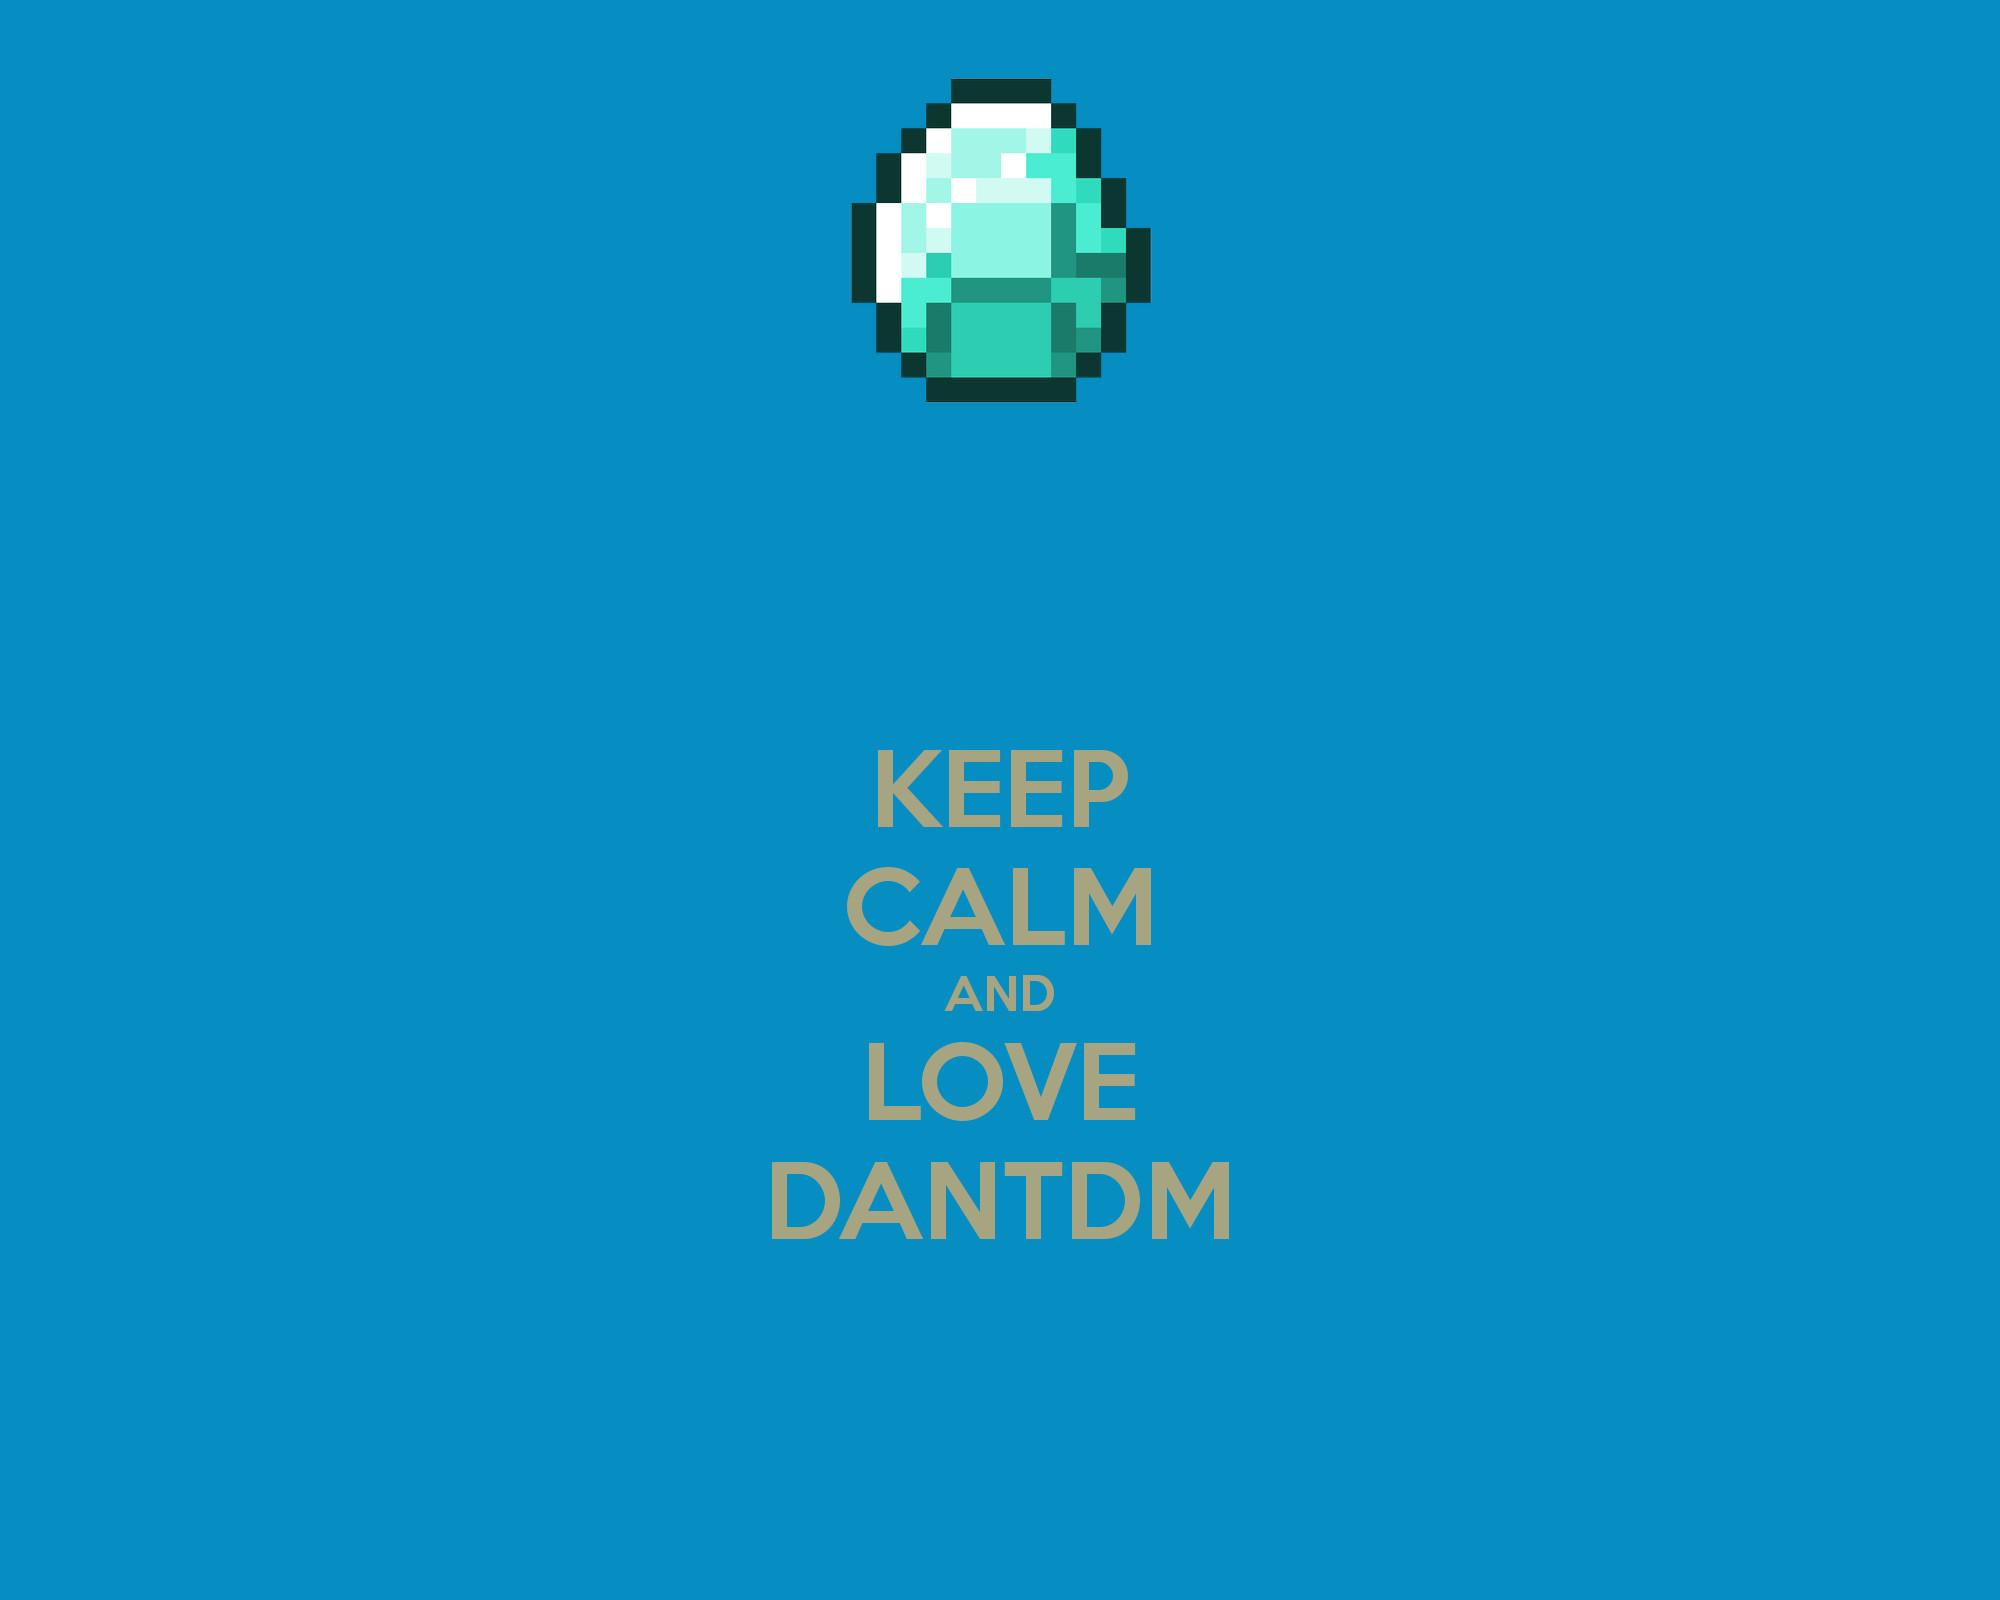 KEEP CALM AND LOVE DANTDM Poster | fjfjfjjfjfjjfjjf | Keep .